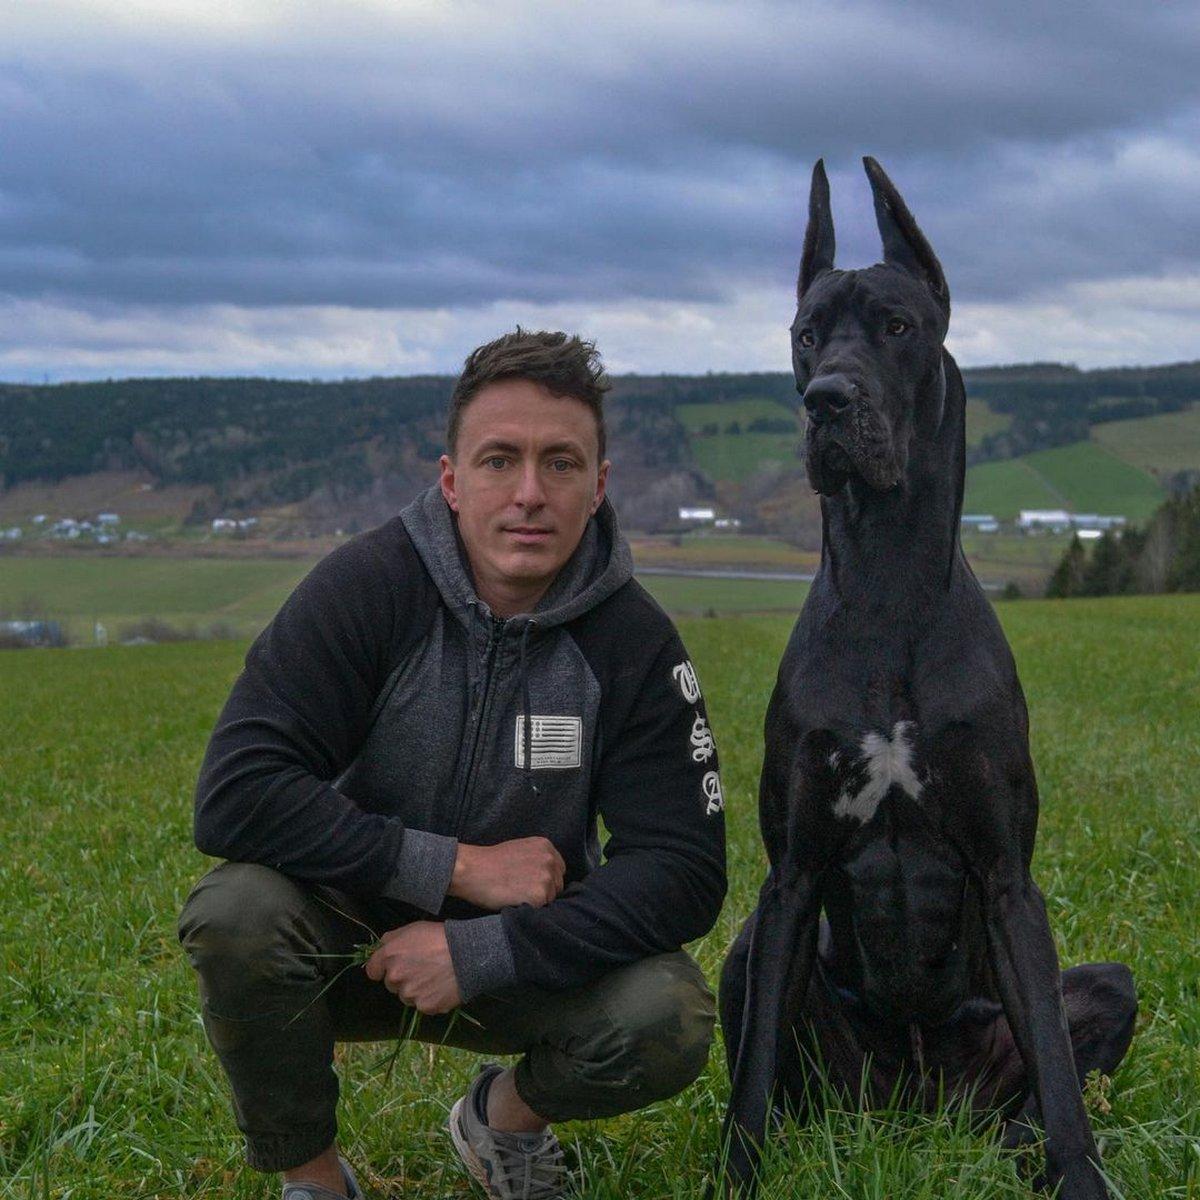 Ce dogue allemand ressemble à Batman et les gens l'adorent